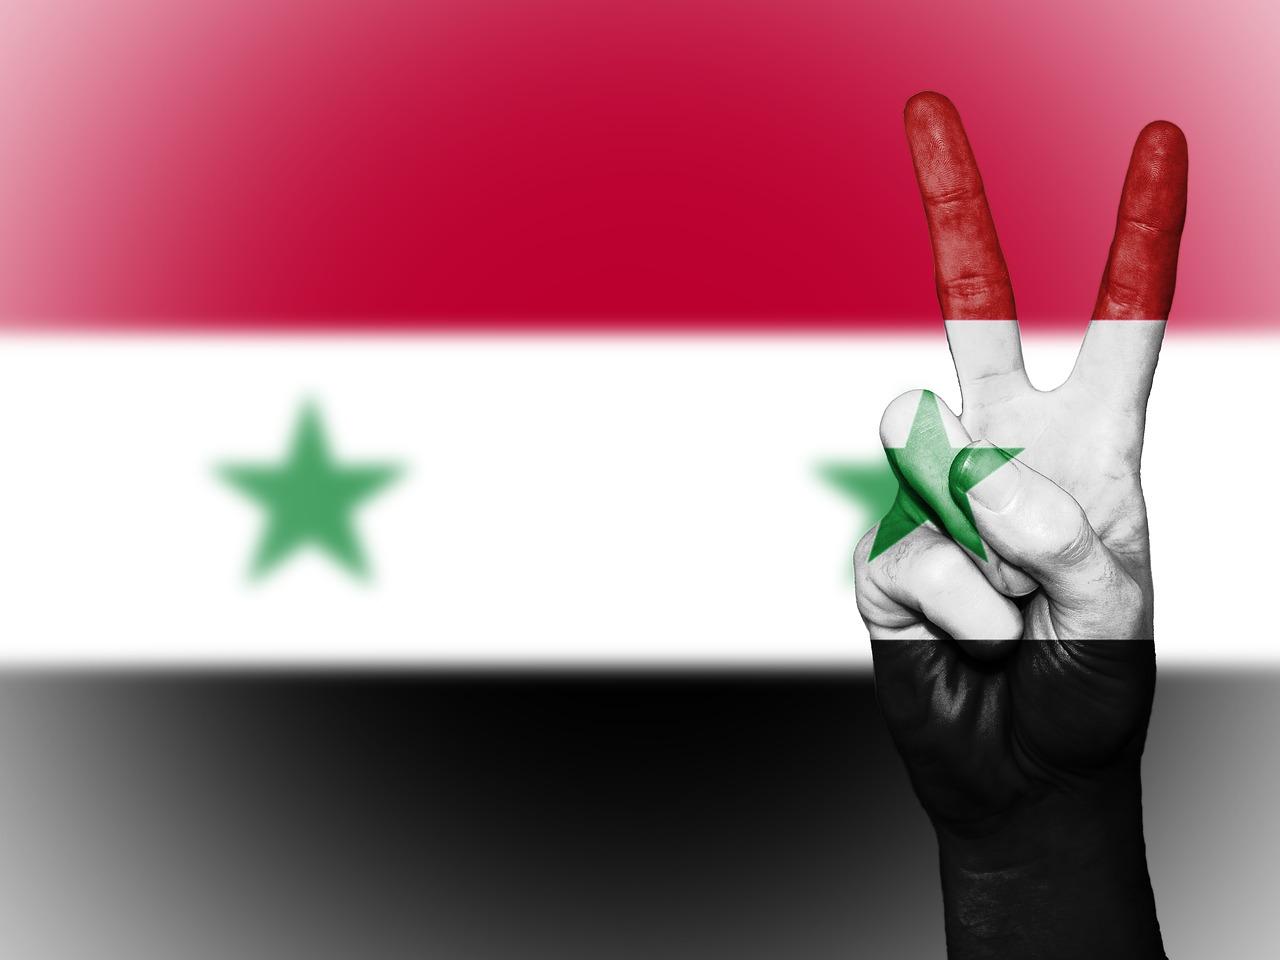 ¿Por qué Bashar ganó la guerra en Siria?